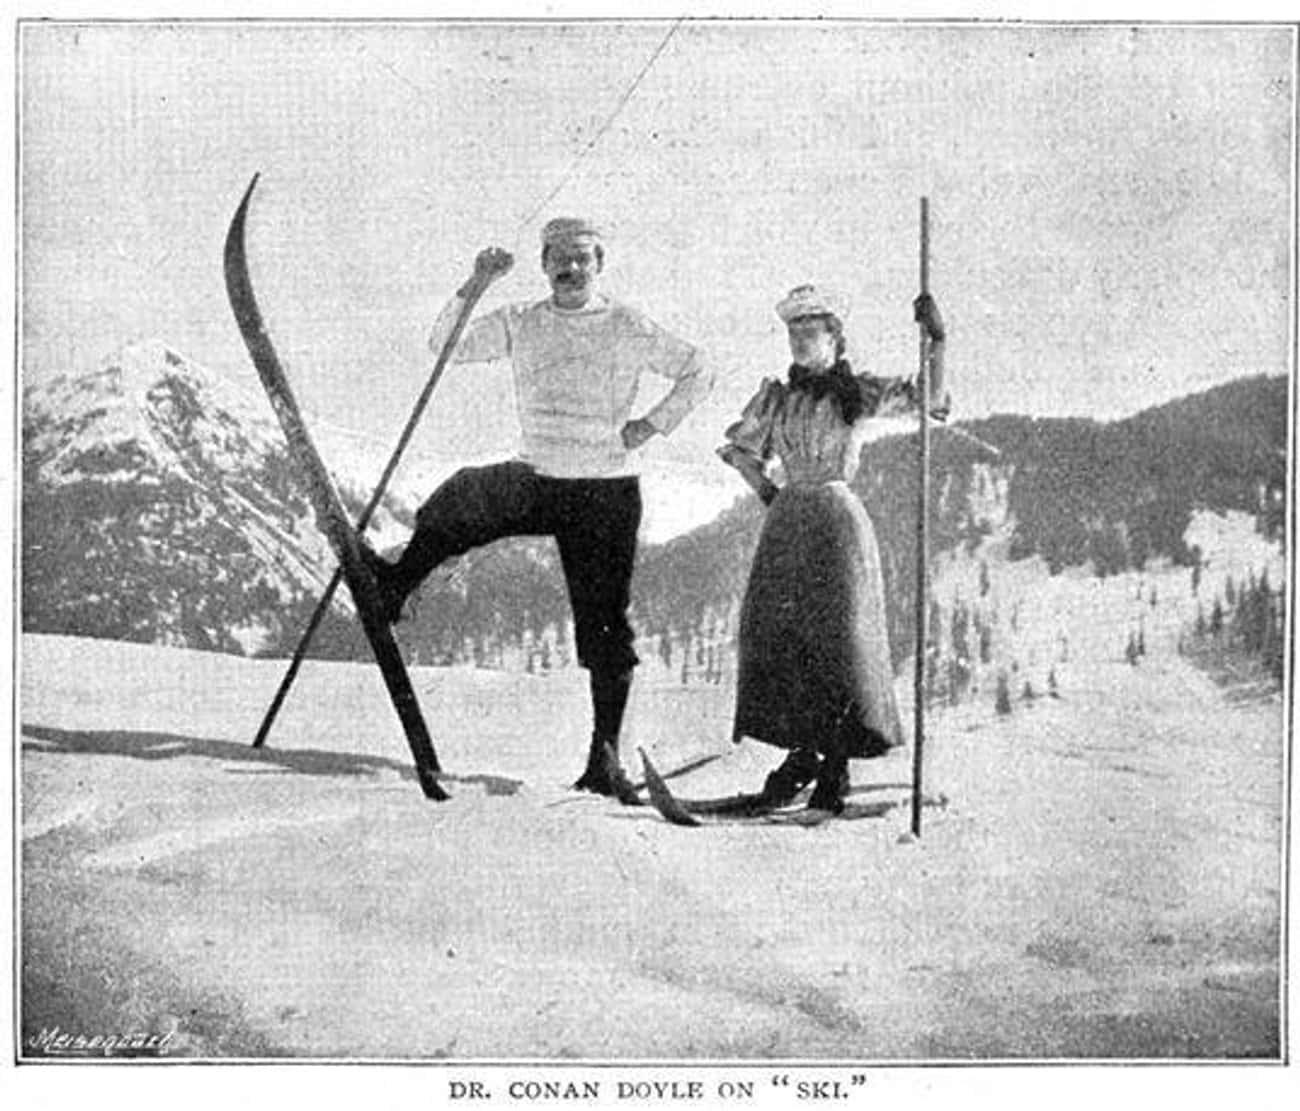 He Popularized Skiing